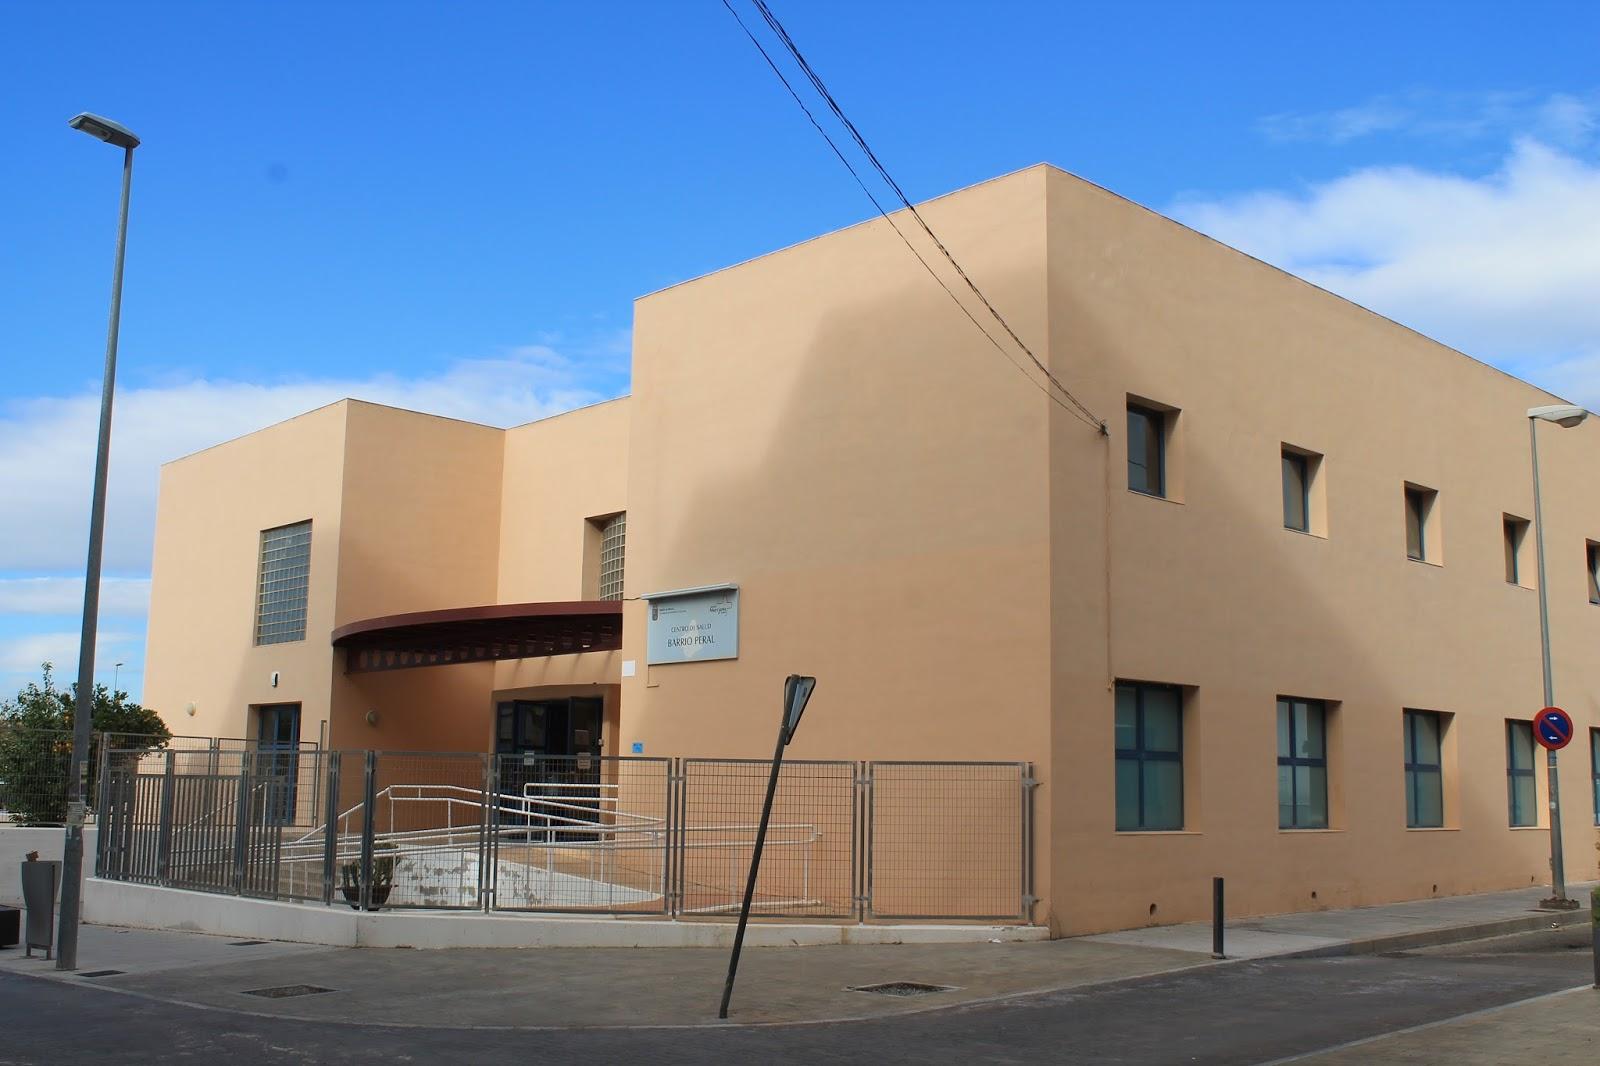 A diez minutos del centro 166 cartagena barrio peral for Centro de salud ciudad jardin